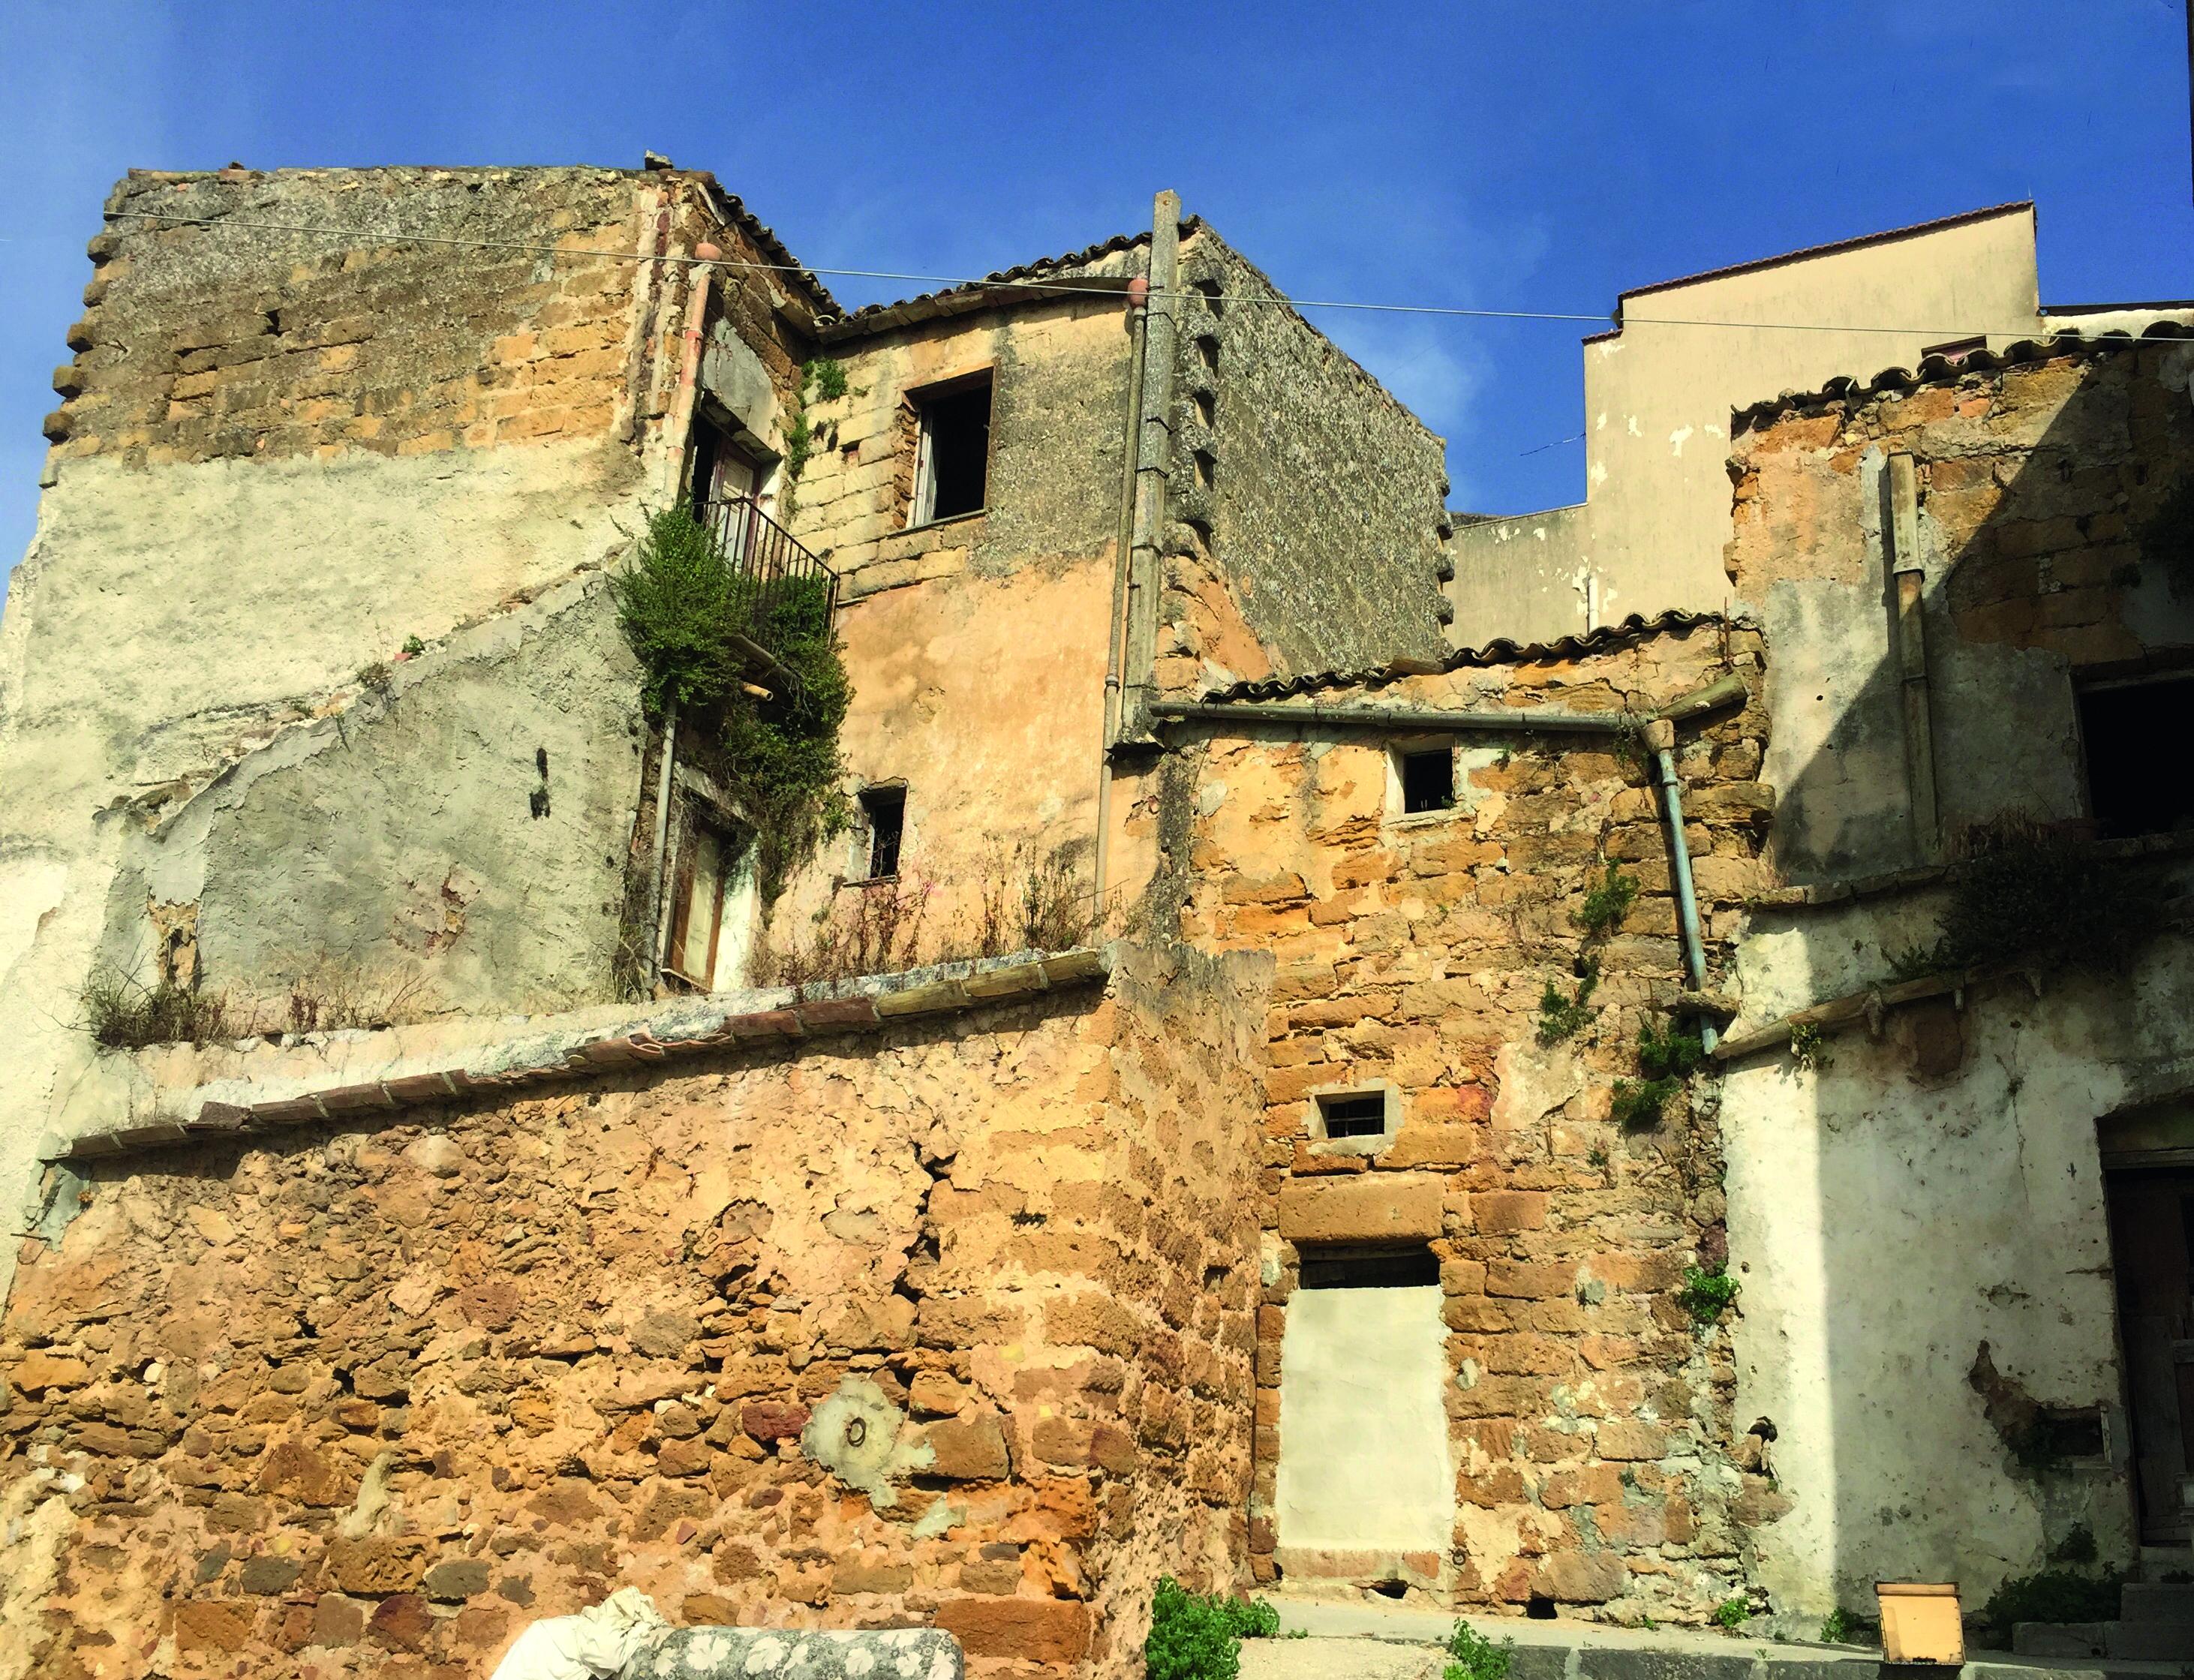 Prezzo Medio Ristrutturazione Al Mq case a 1 euro? un affare - ville&casali